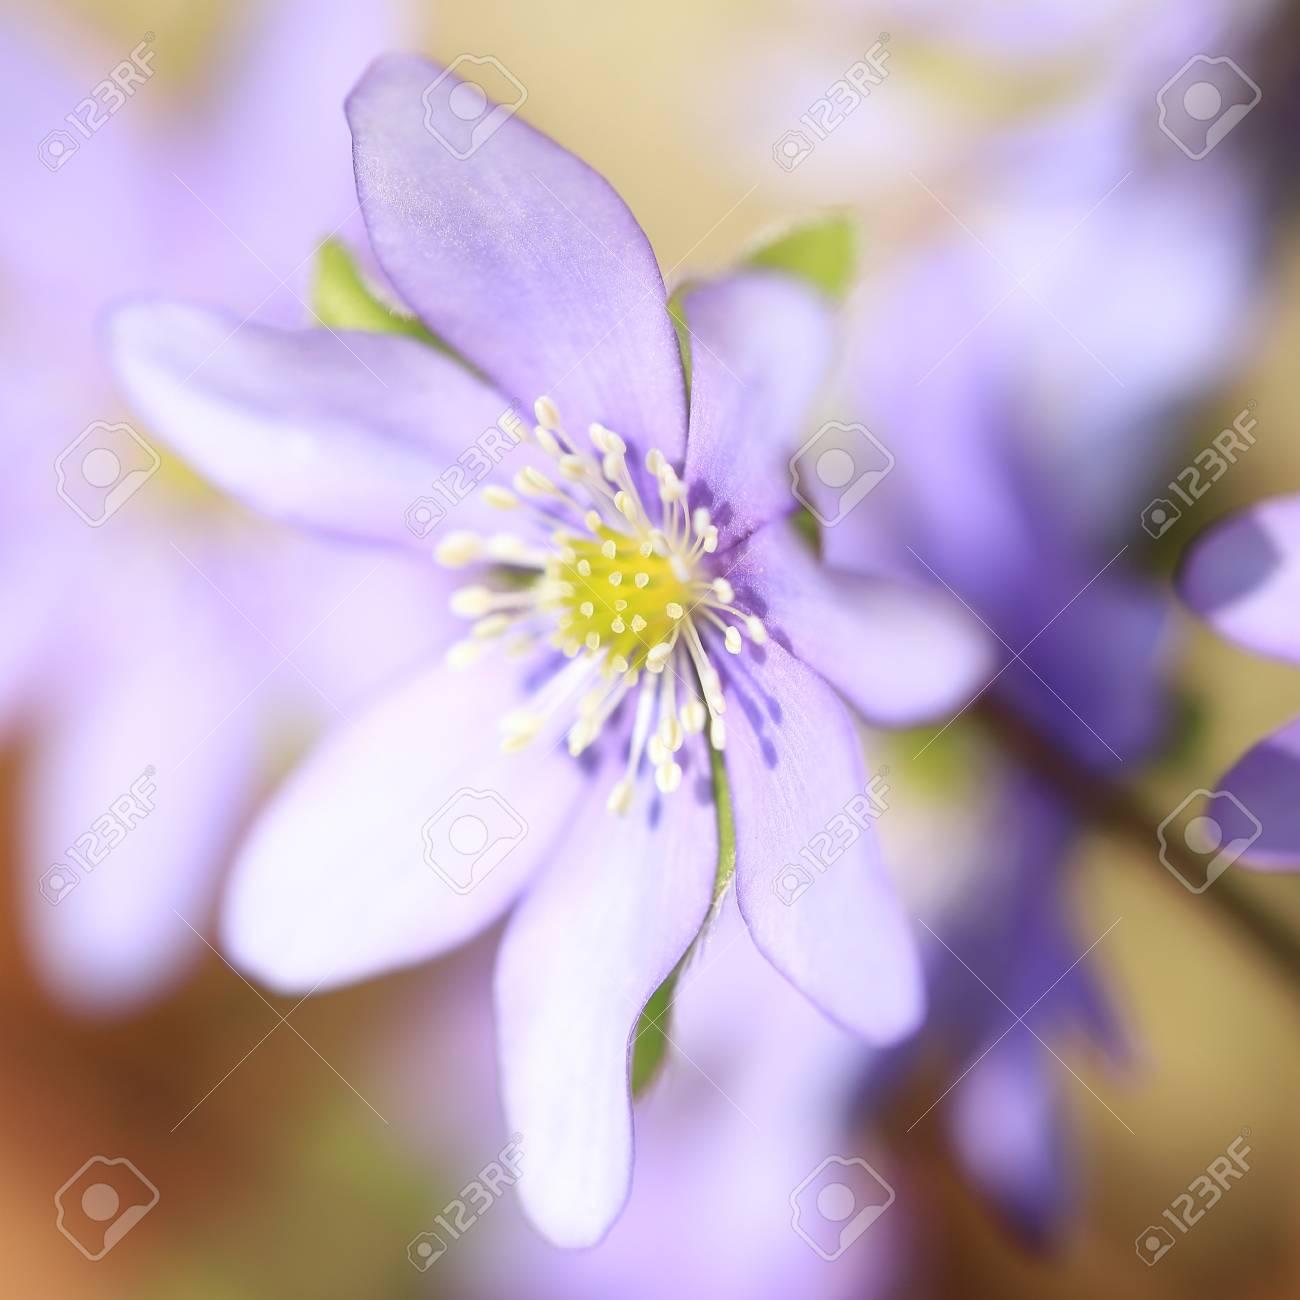 stamen and pistil of flower of liverleaf in spring, Hepatica nobilis specie - 121965666